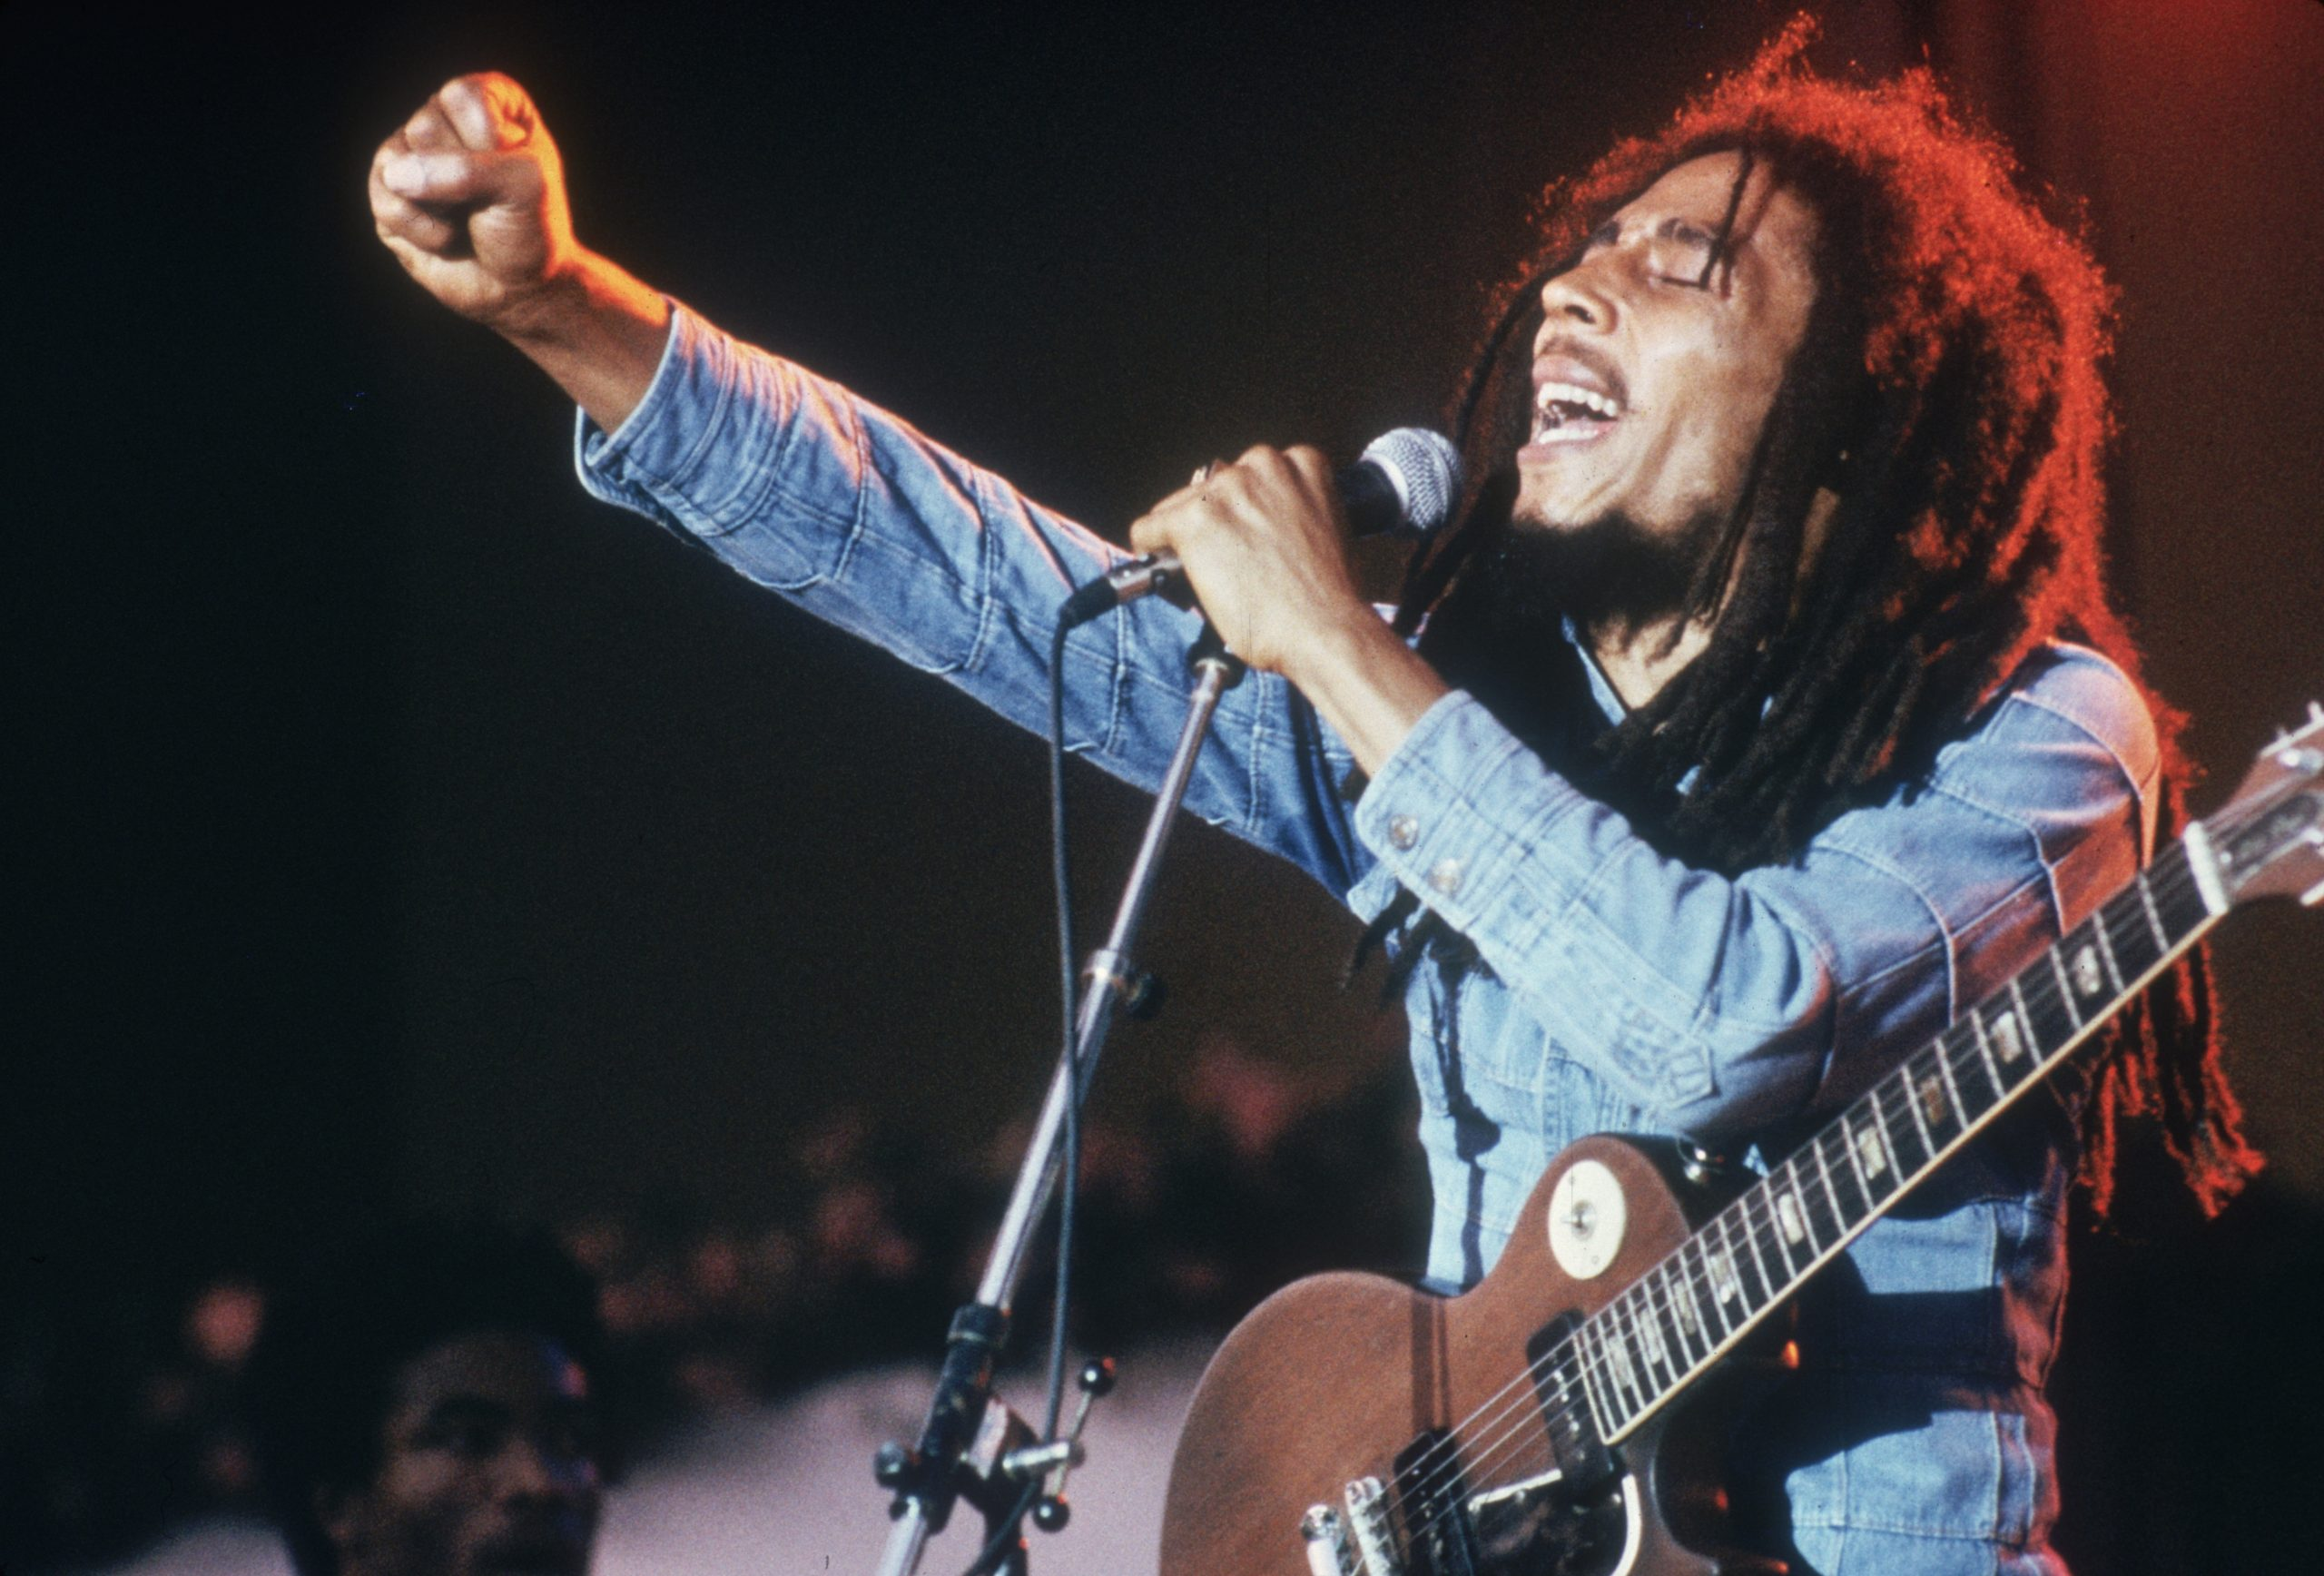 Dies war das letzte Konzert von Bob Marley